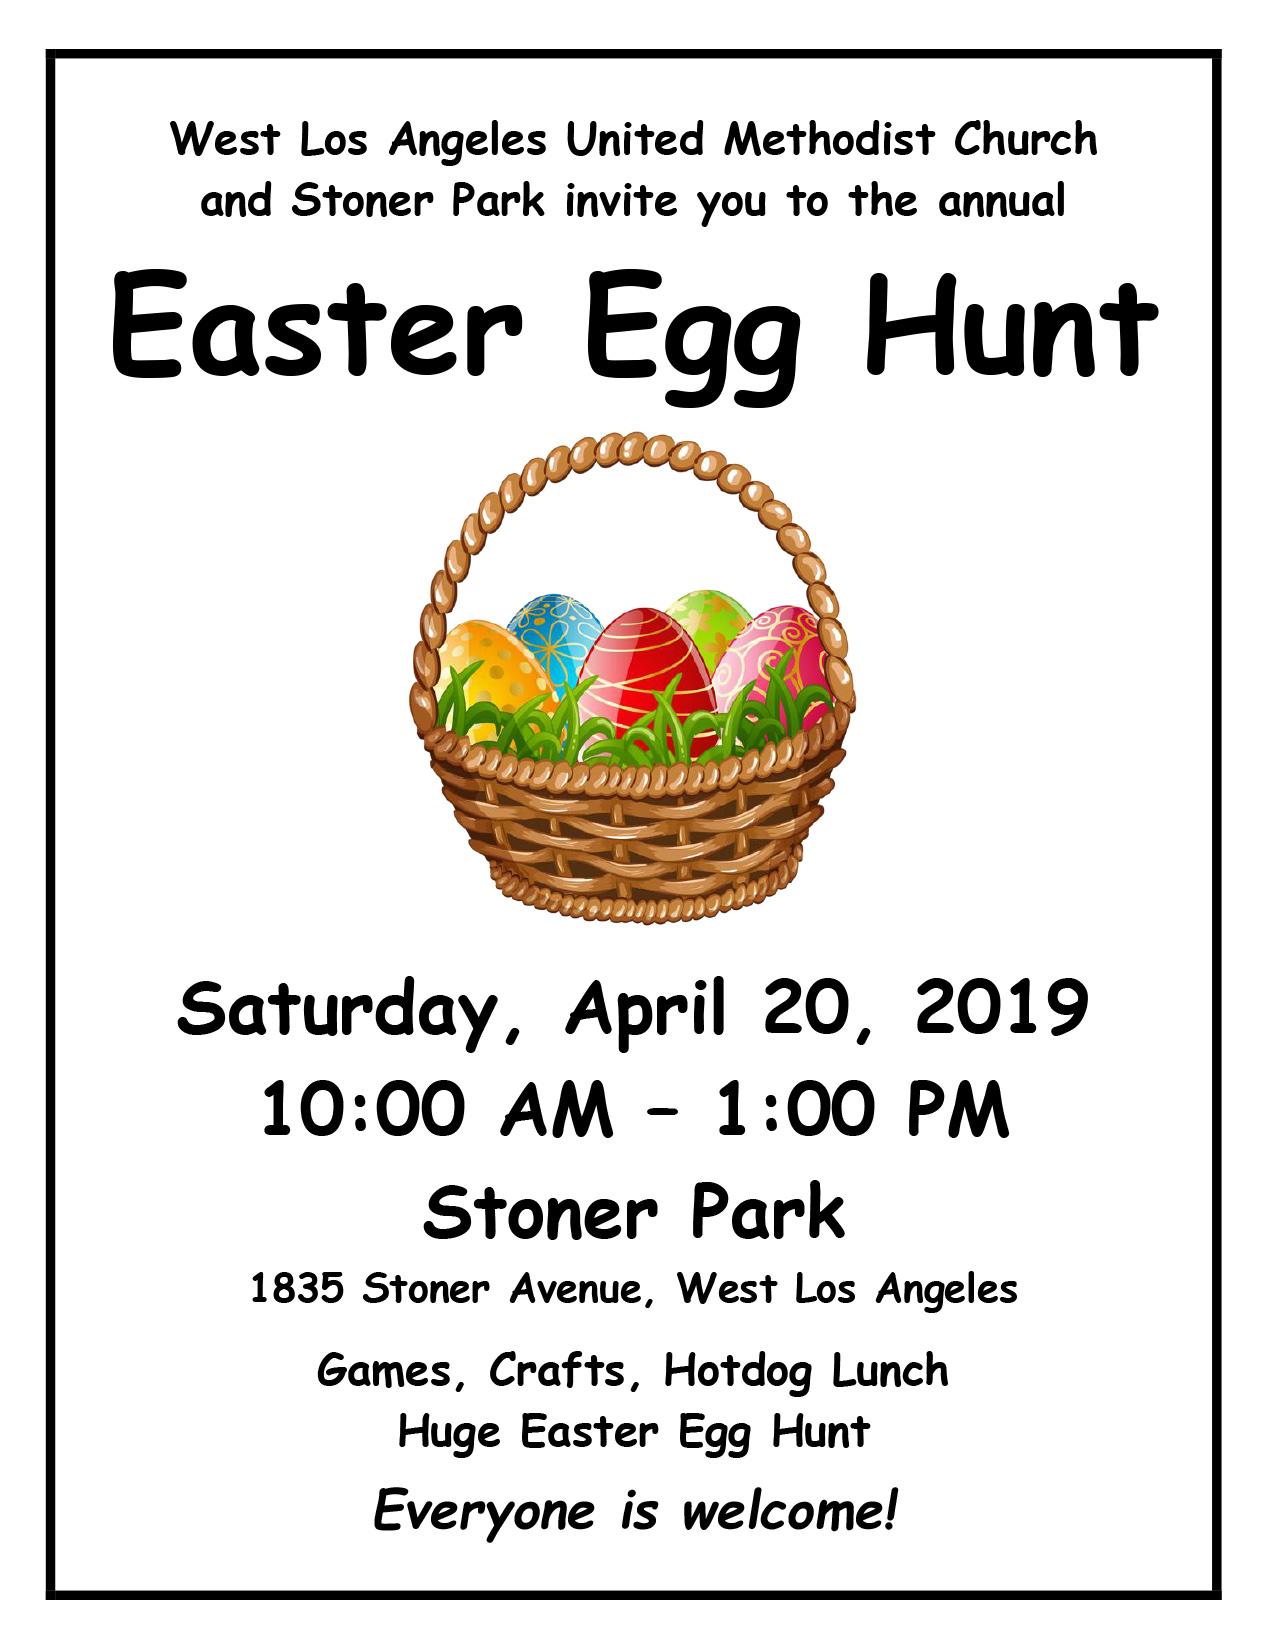 2019 Easter Egg Hunt Flier.jpg